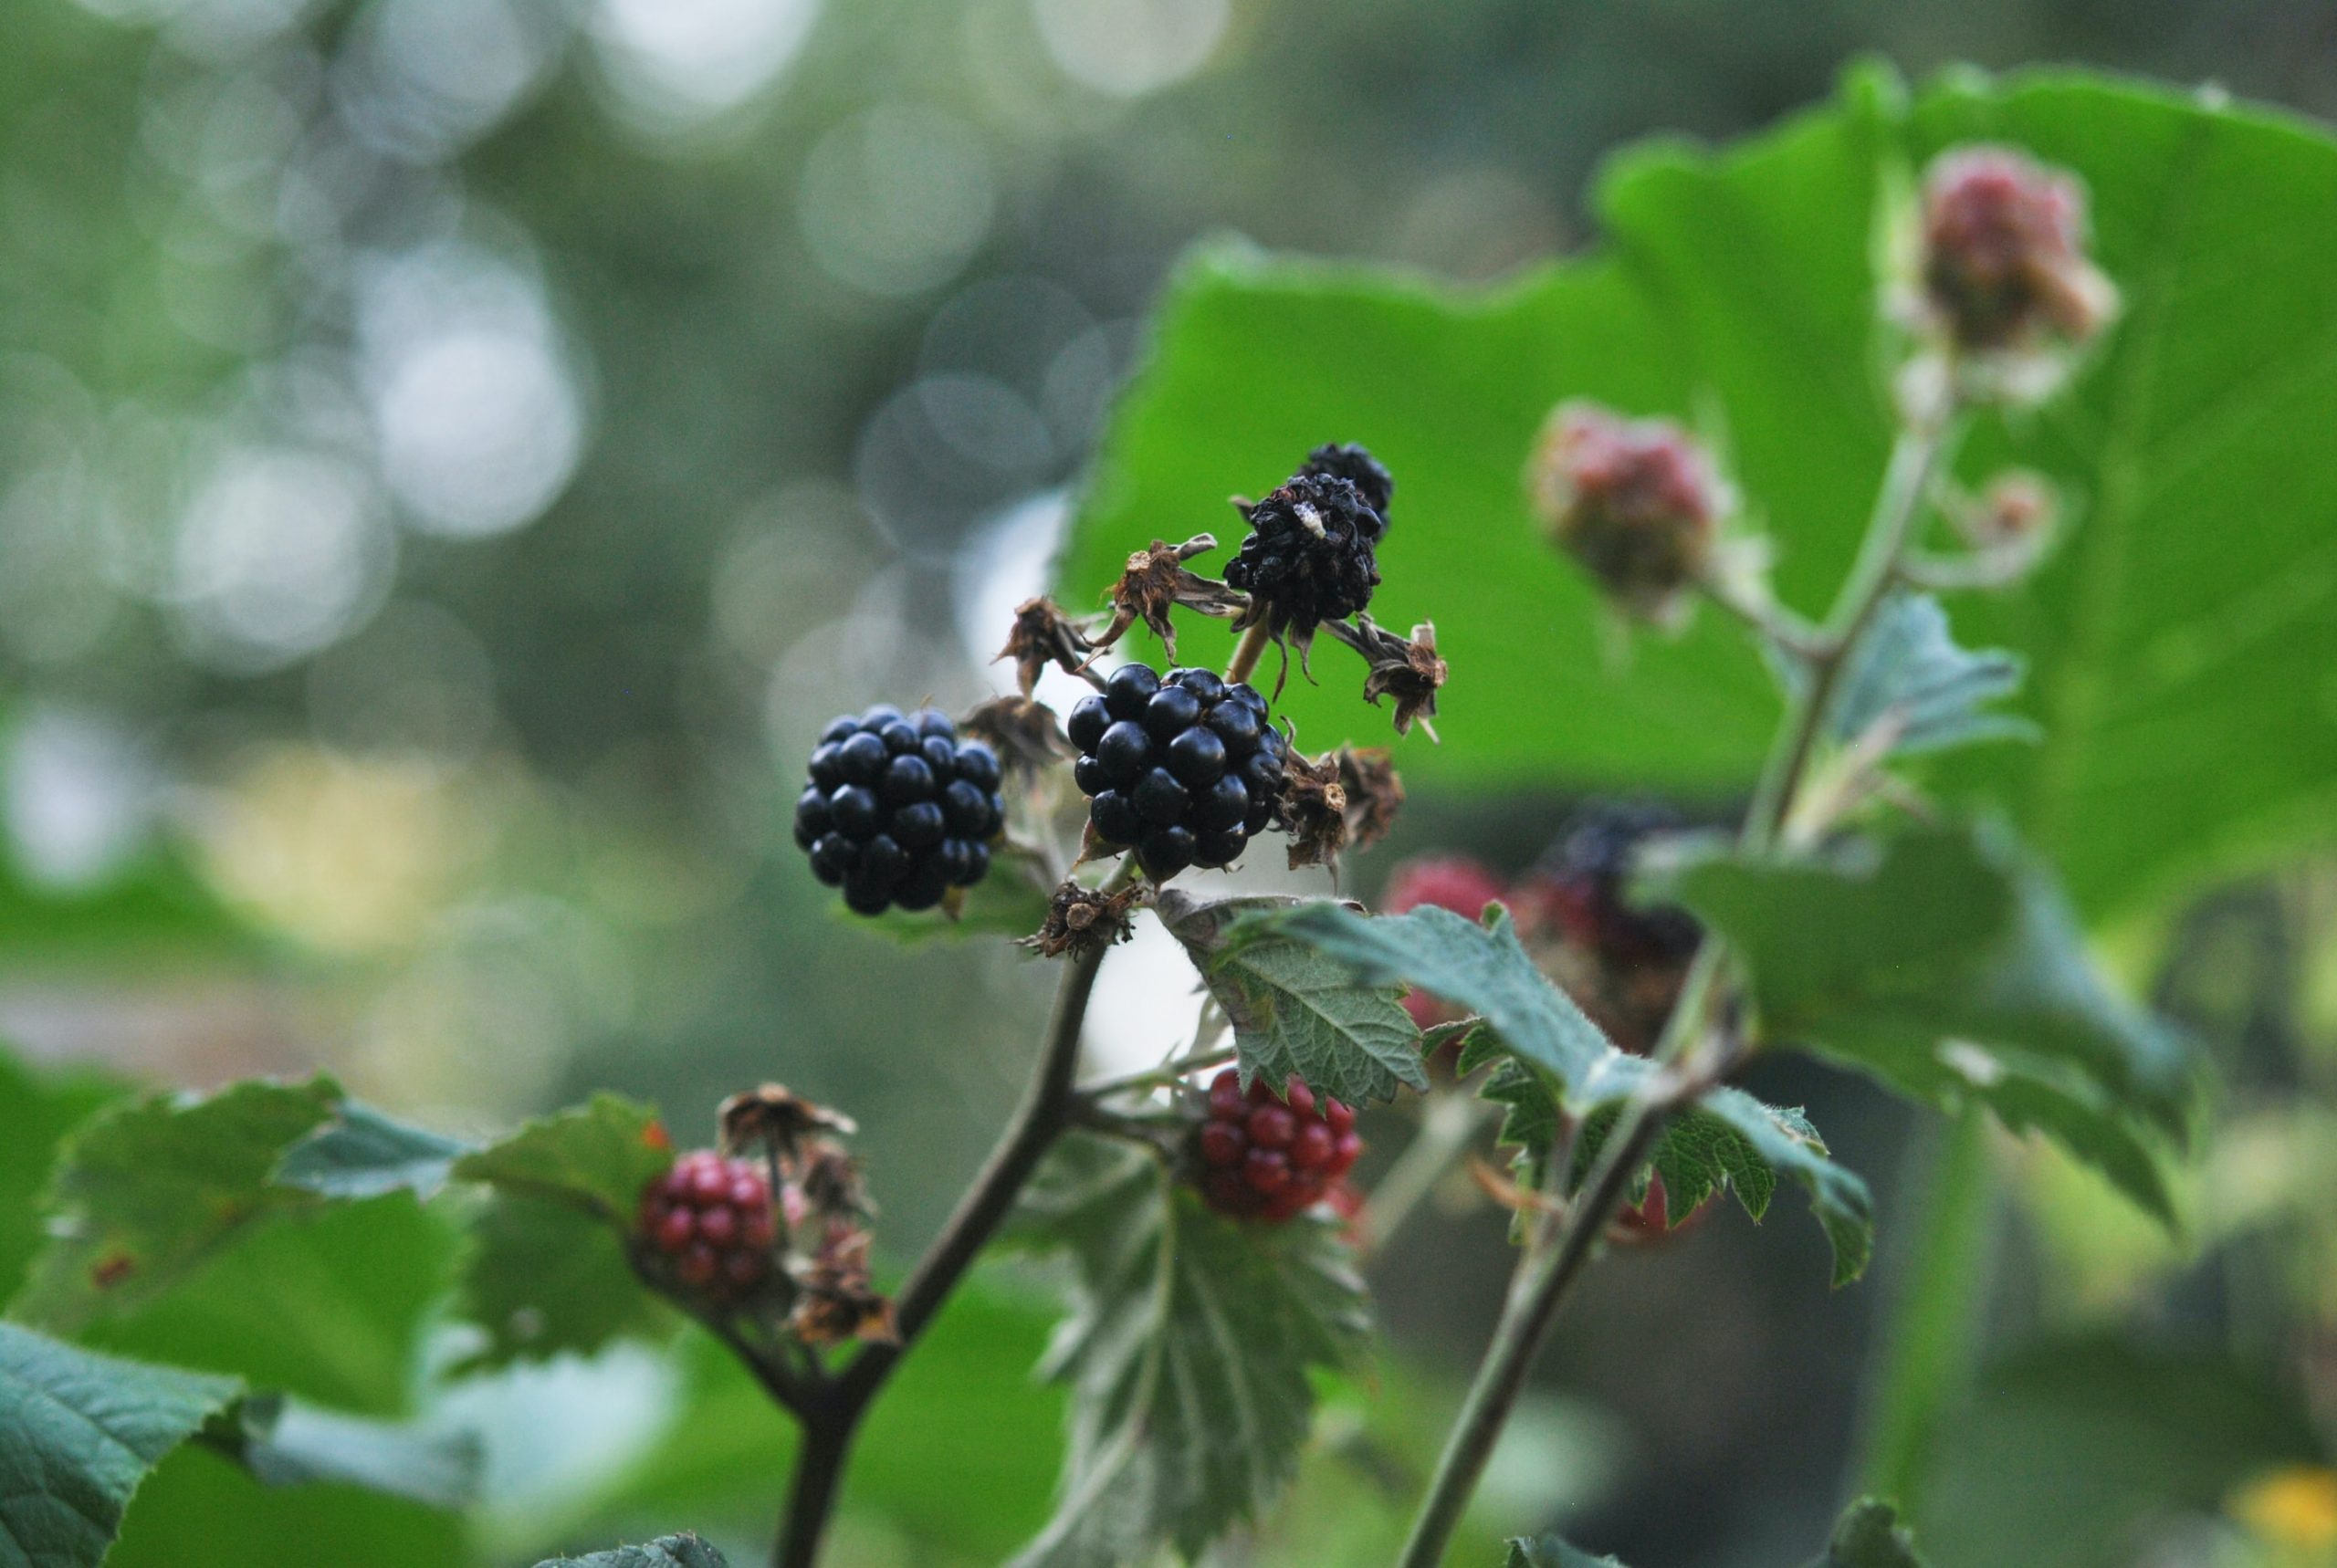 blackberries - in season in the uk in August